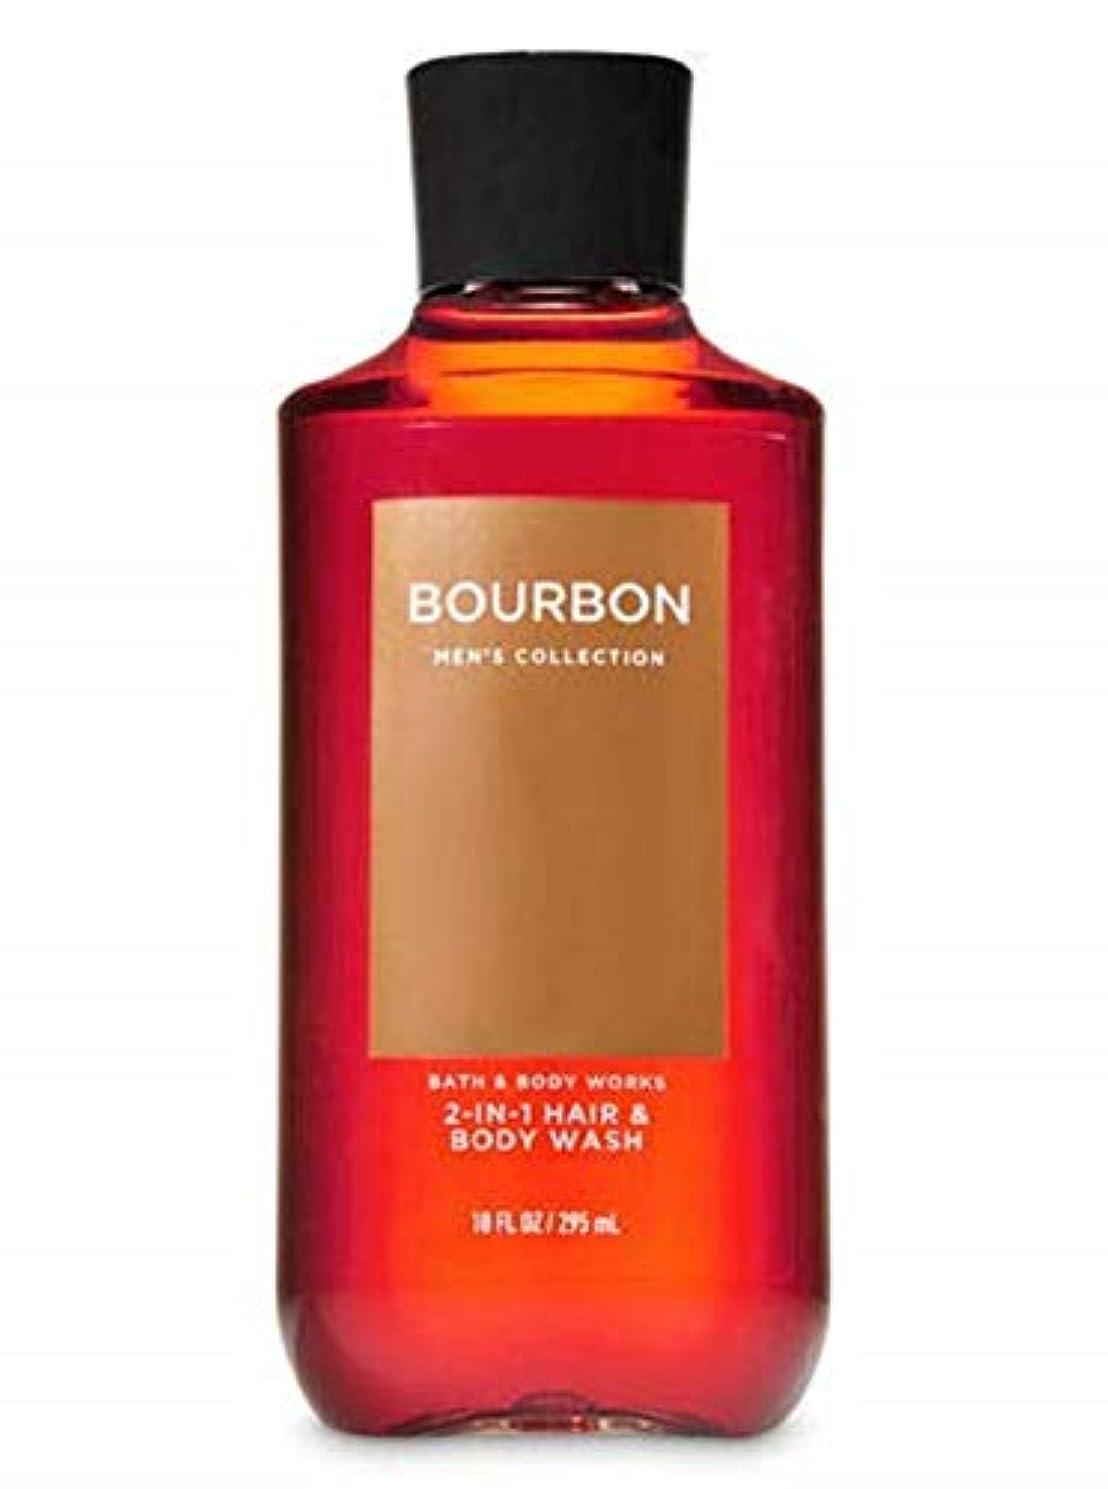 発行意図する結婚【並行輸入品】Bath & Body Works Bourbon 2-in-1 Hair + Body Wash 295 mL